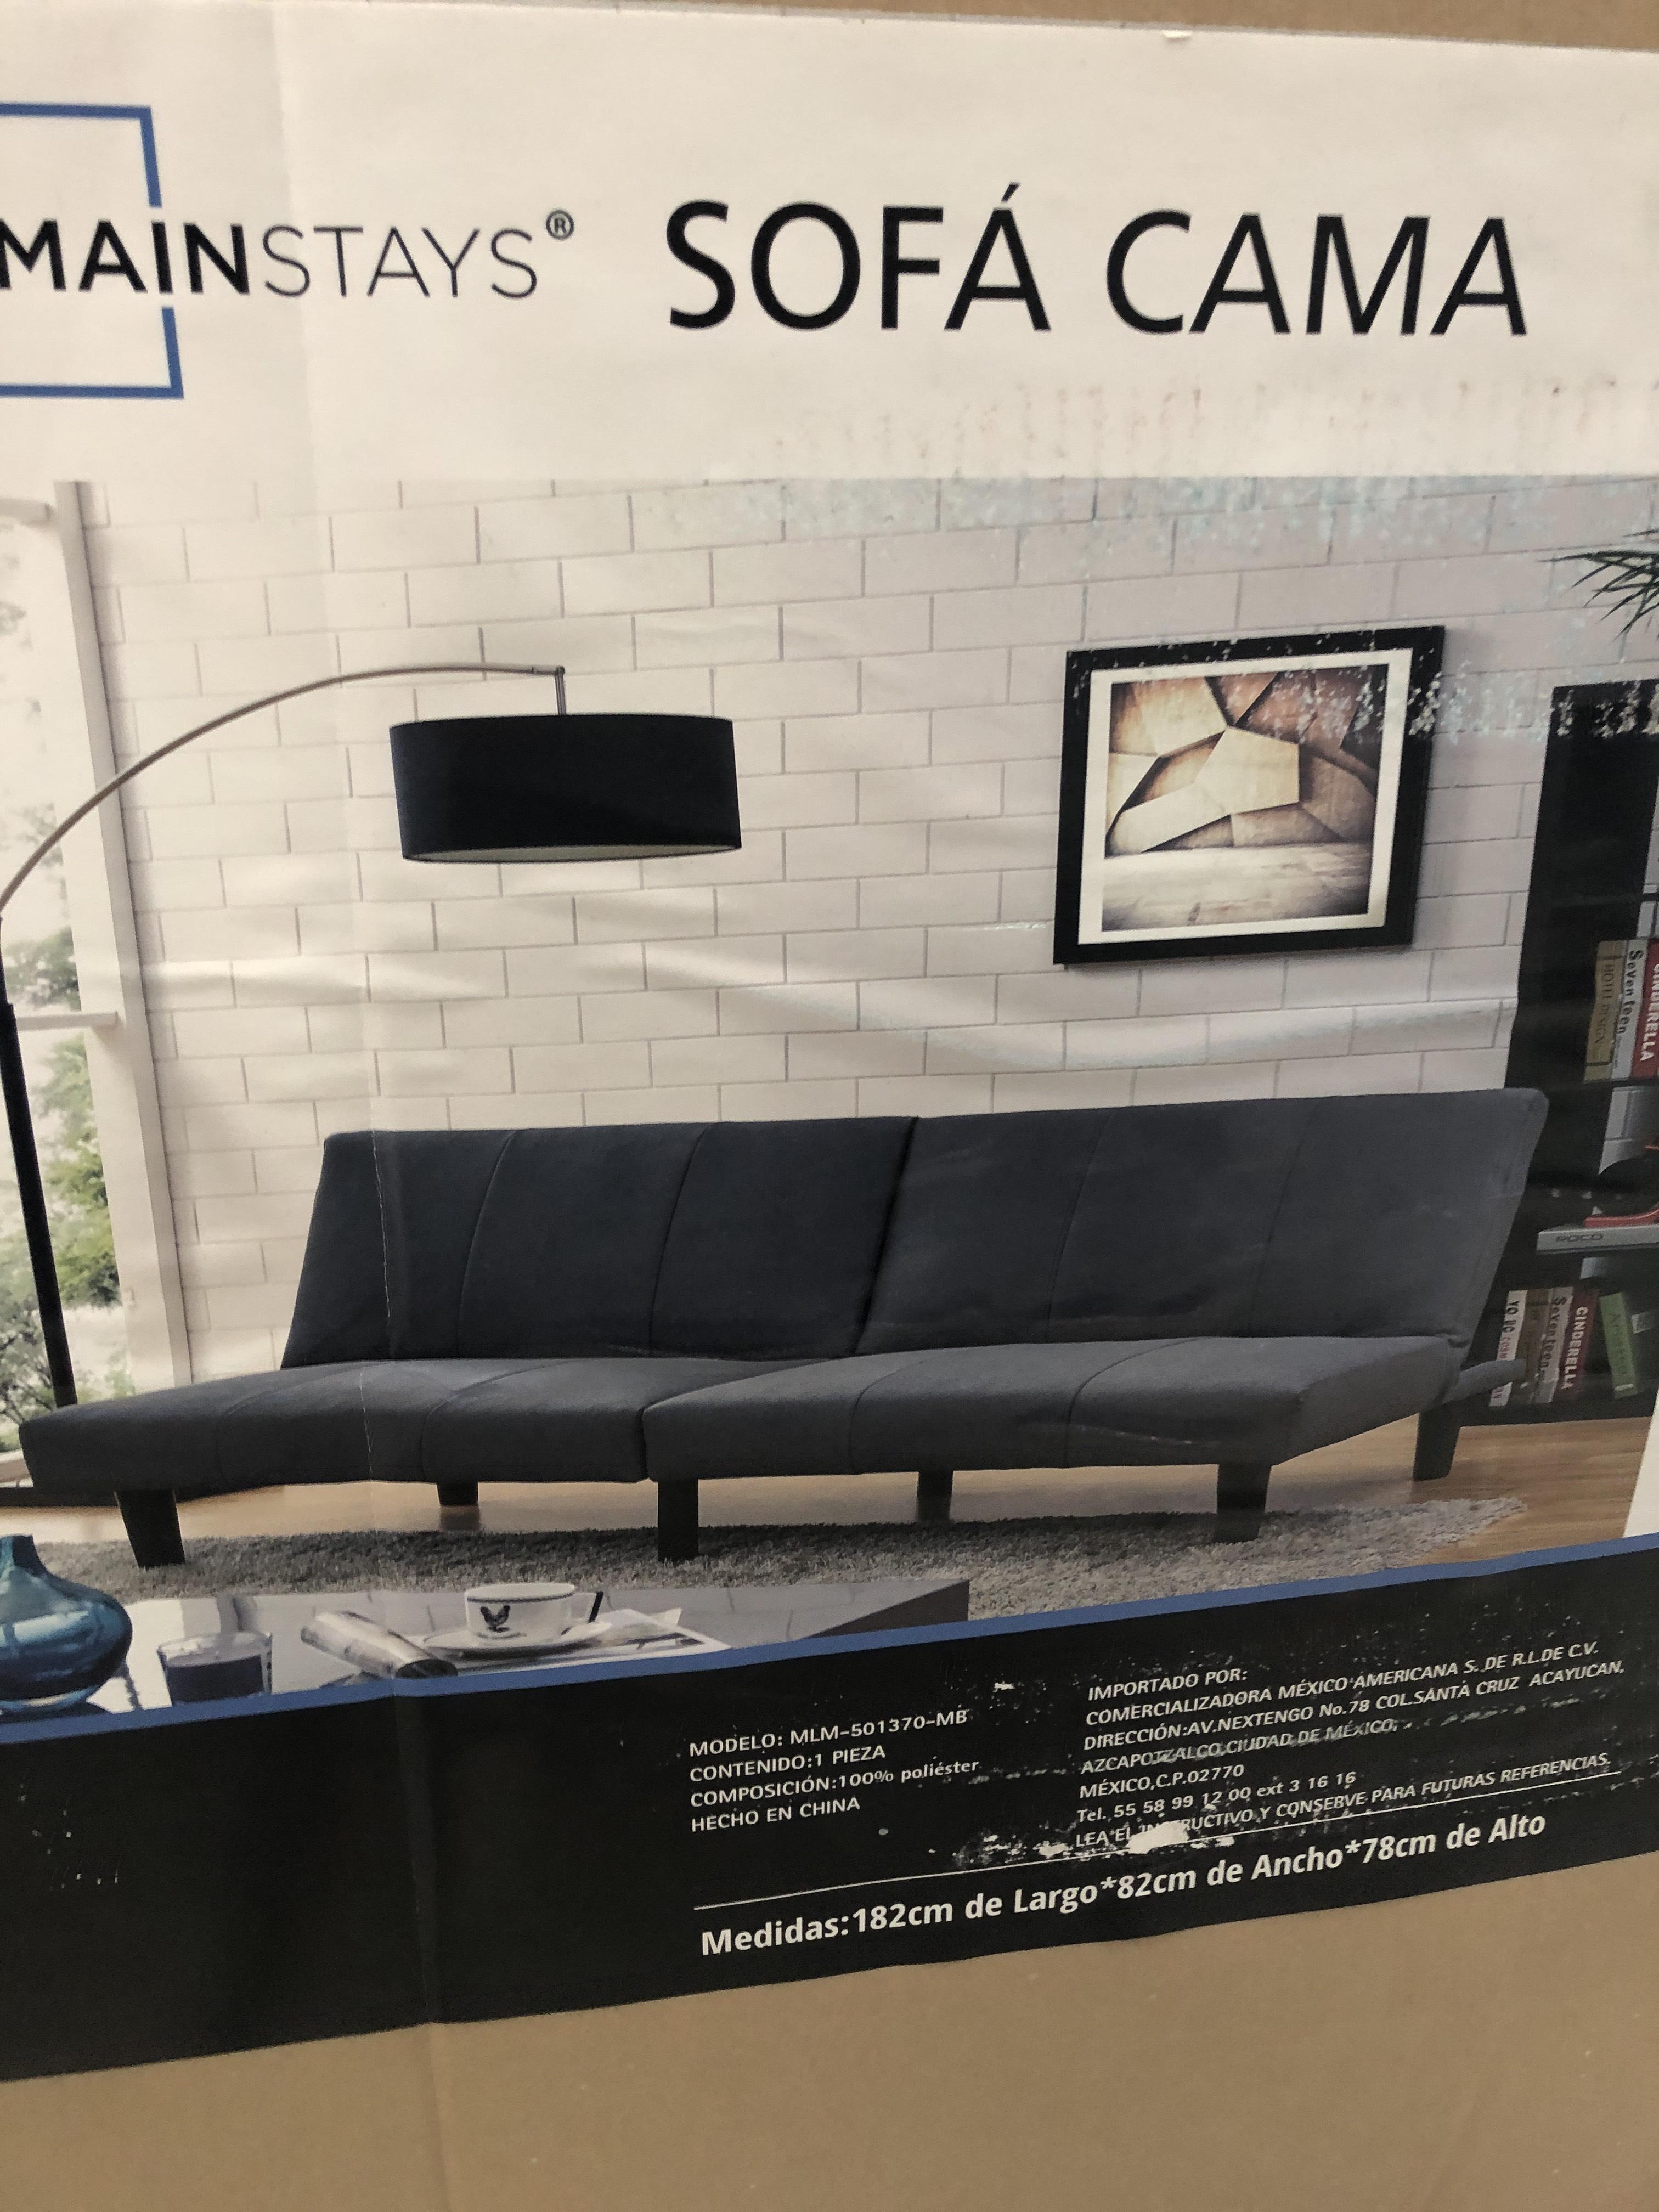 Bodega Aurrerá: Sofá cama mainstays